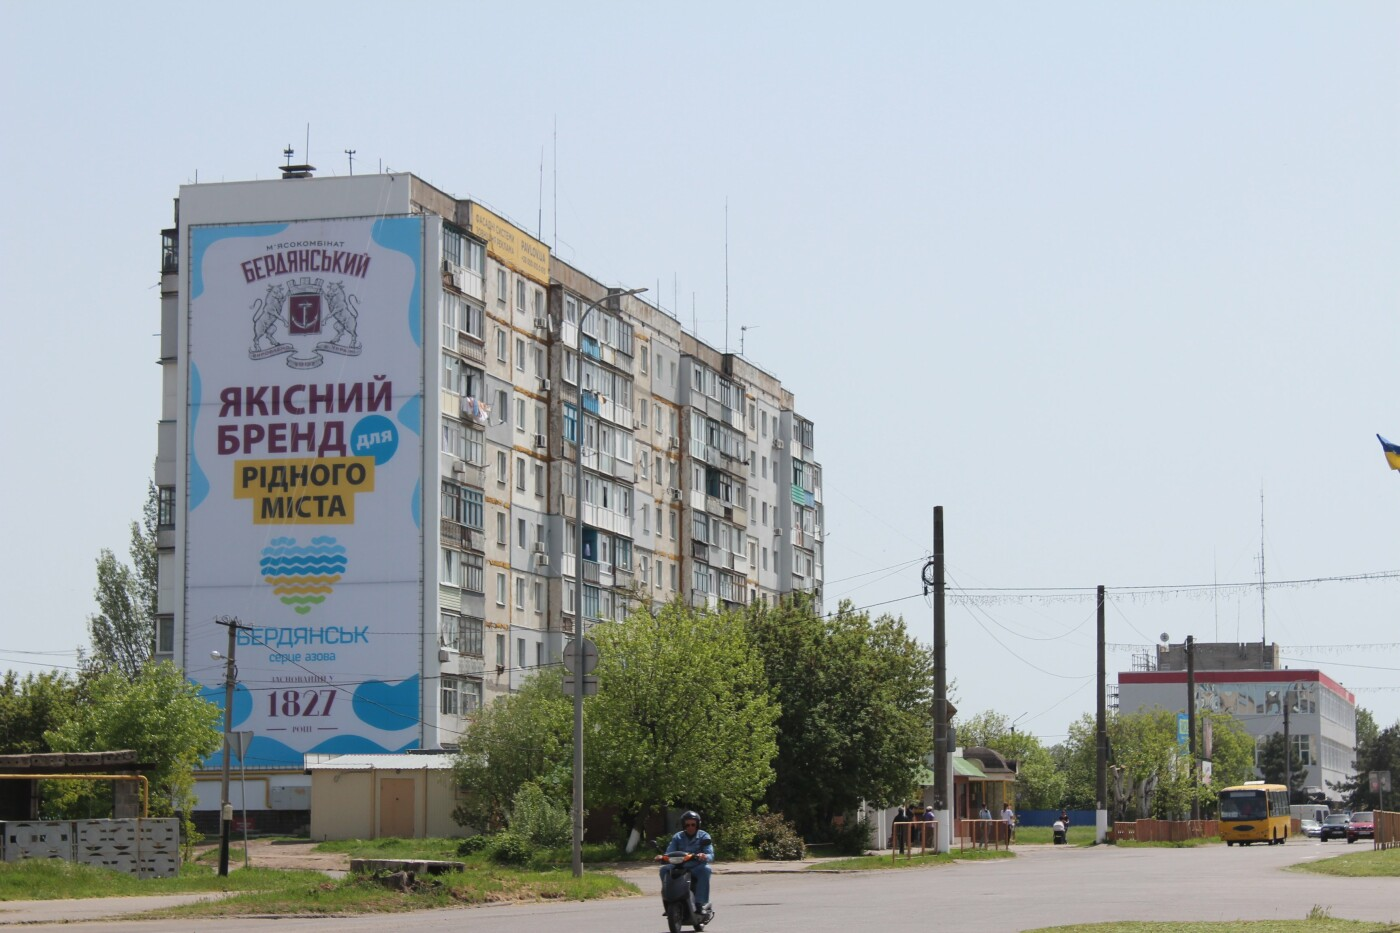 Мясокомбинат построит в Бердянске современный парк (ВИДЕО), фото-8